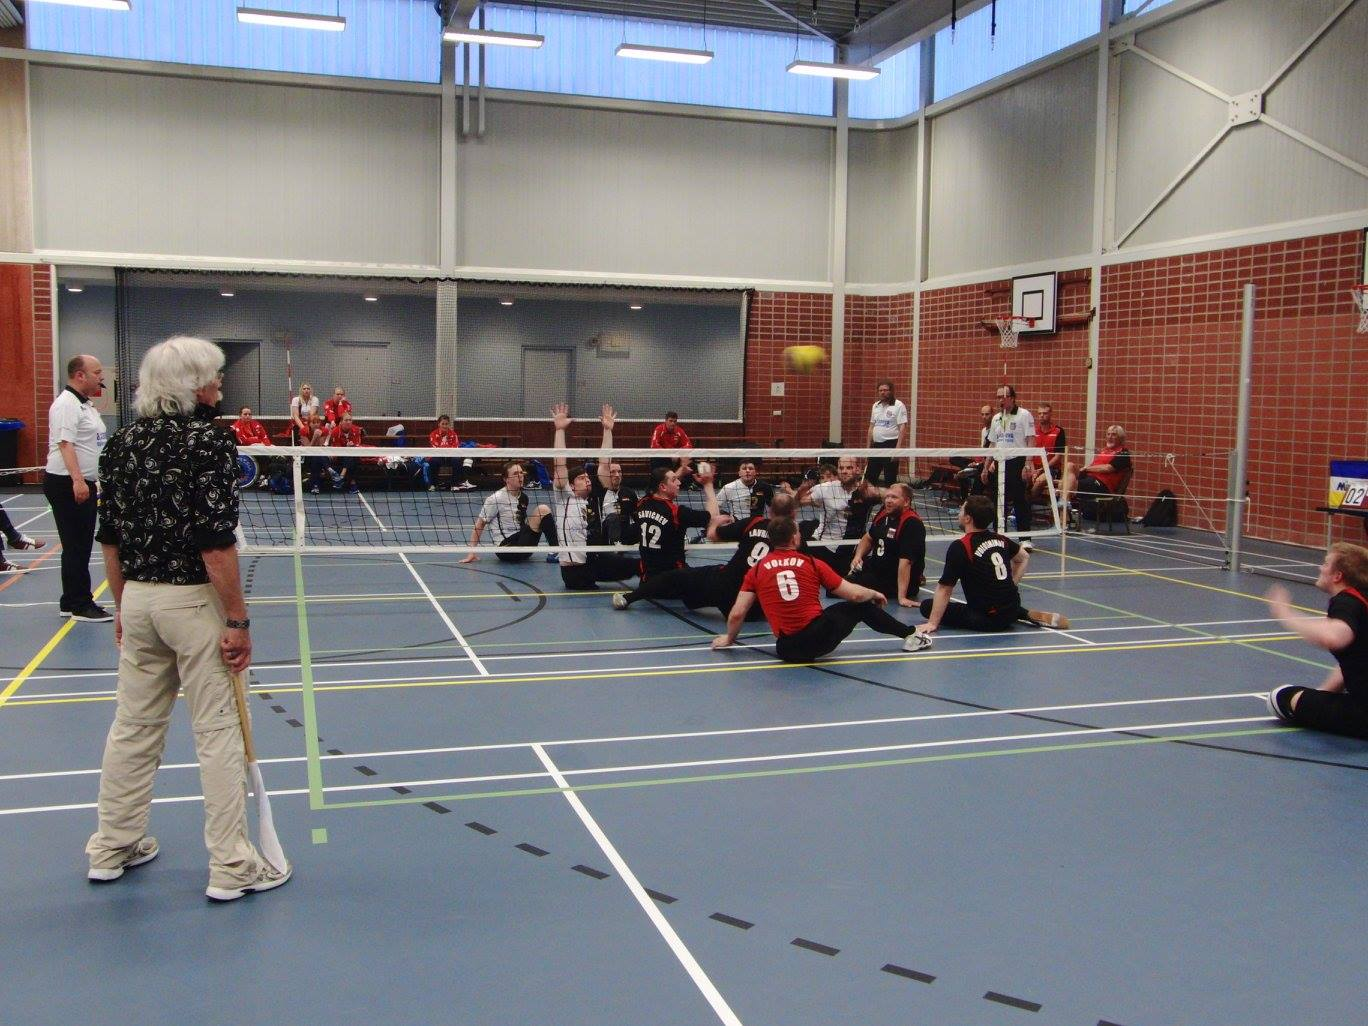 Мужская сборная России стала победителем международного турнира по волейболу сидя в Нидерландах